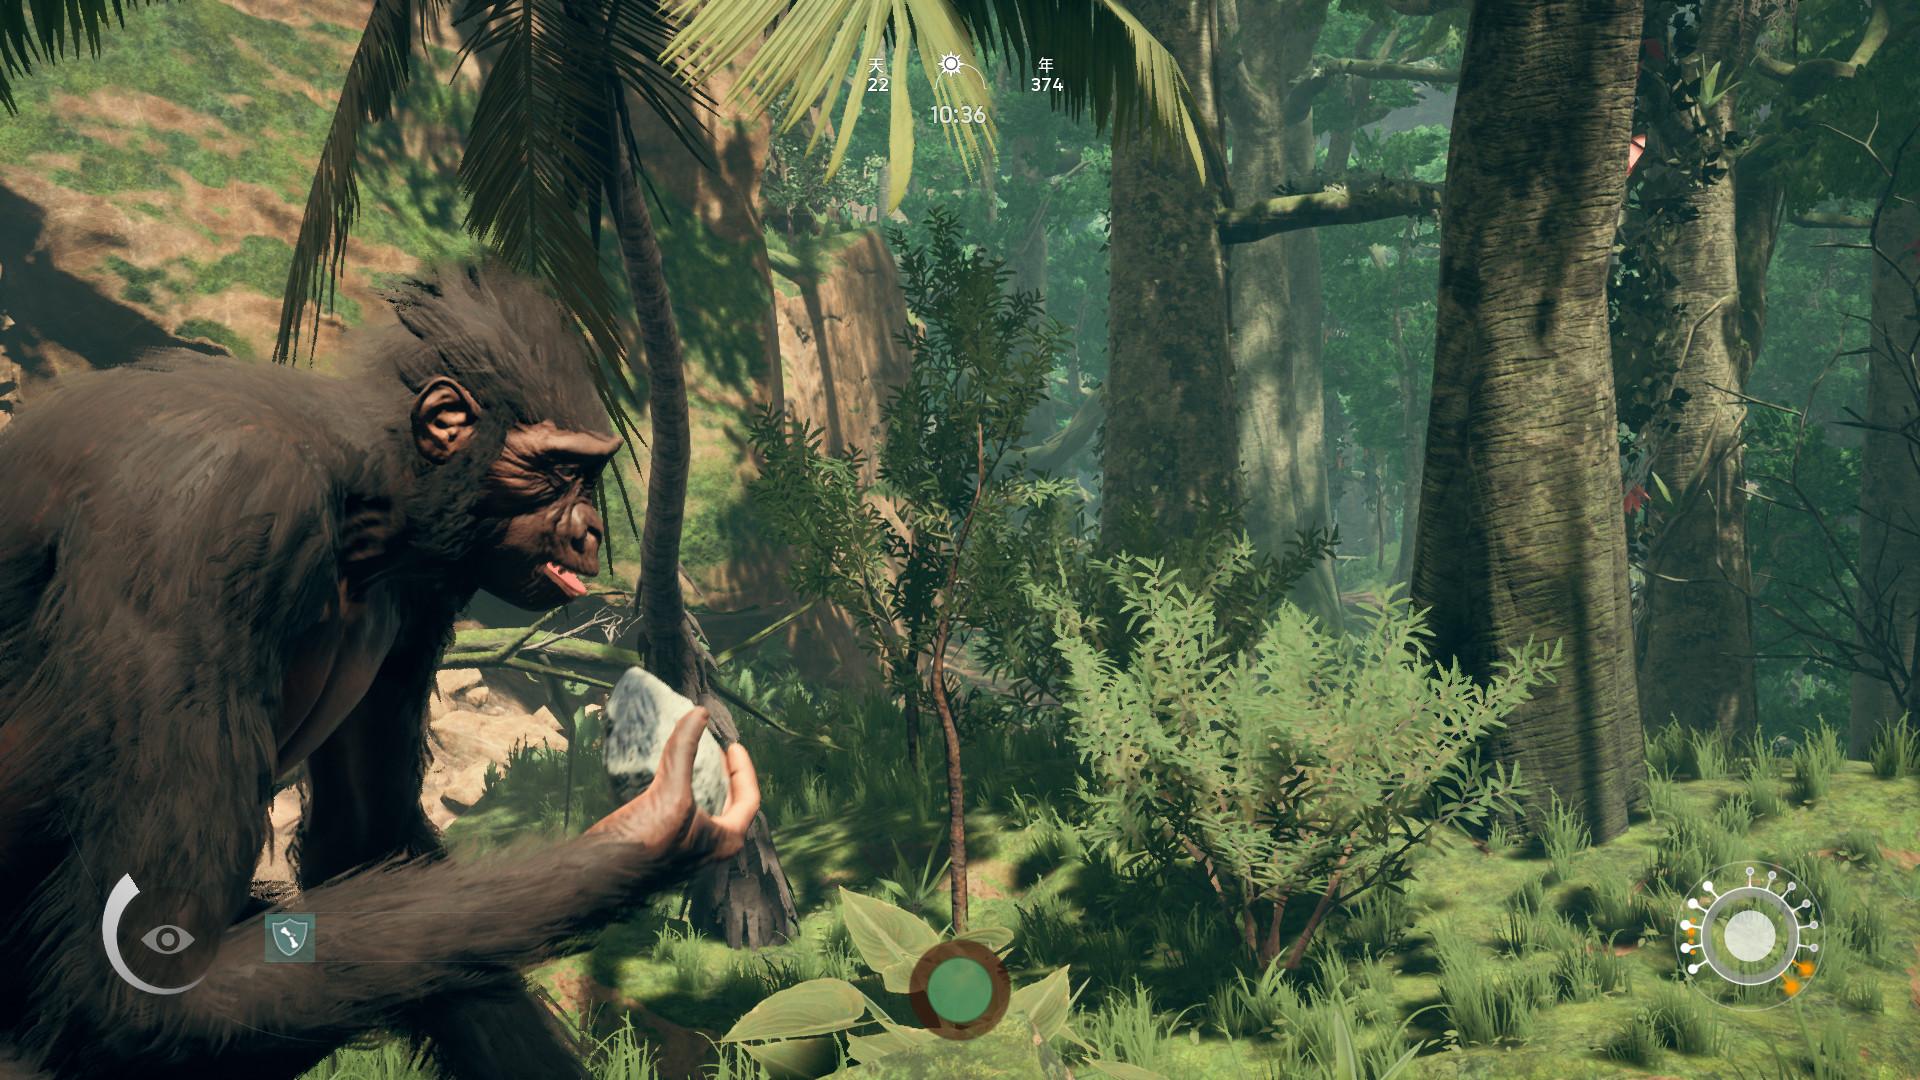 《先祖:人类奥德赛》评测:枕石漱流,一梦千万年